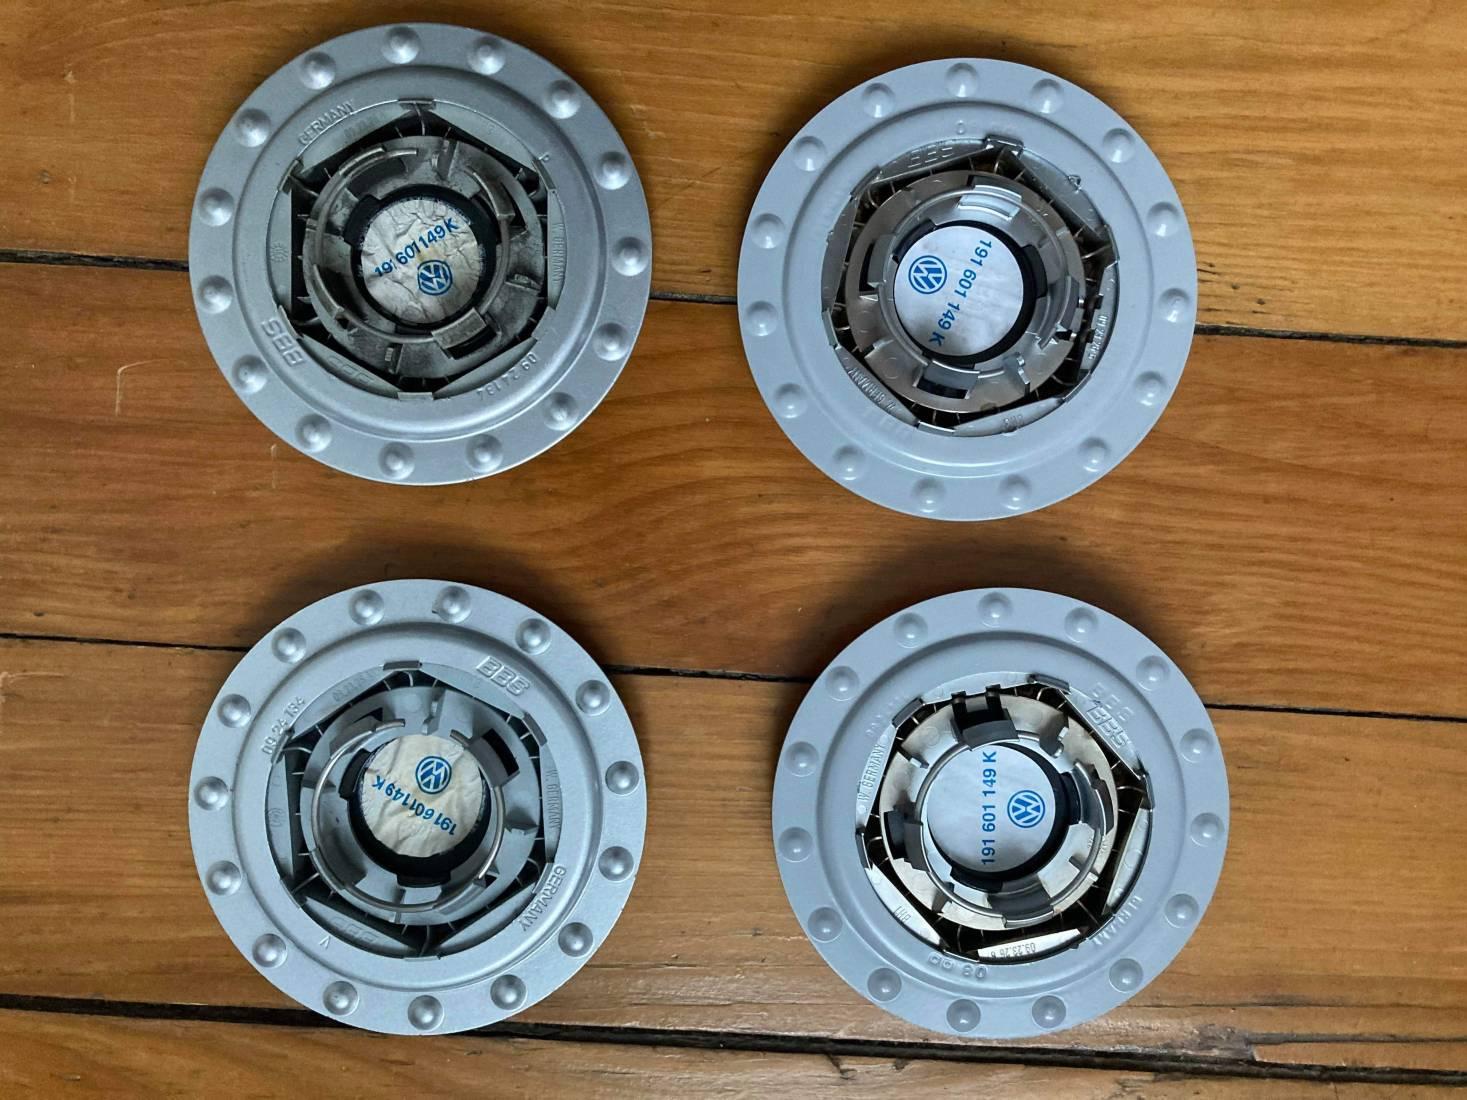 D96E2E7C-A03F-48CA-8612-0C500C5862CB.jpeg